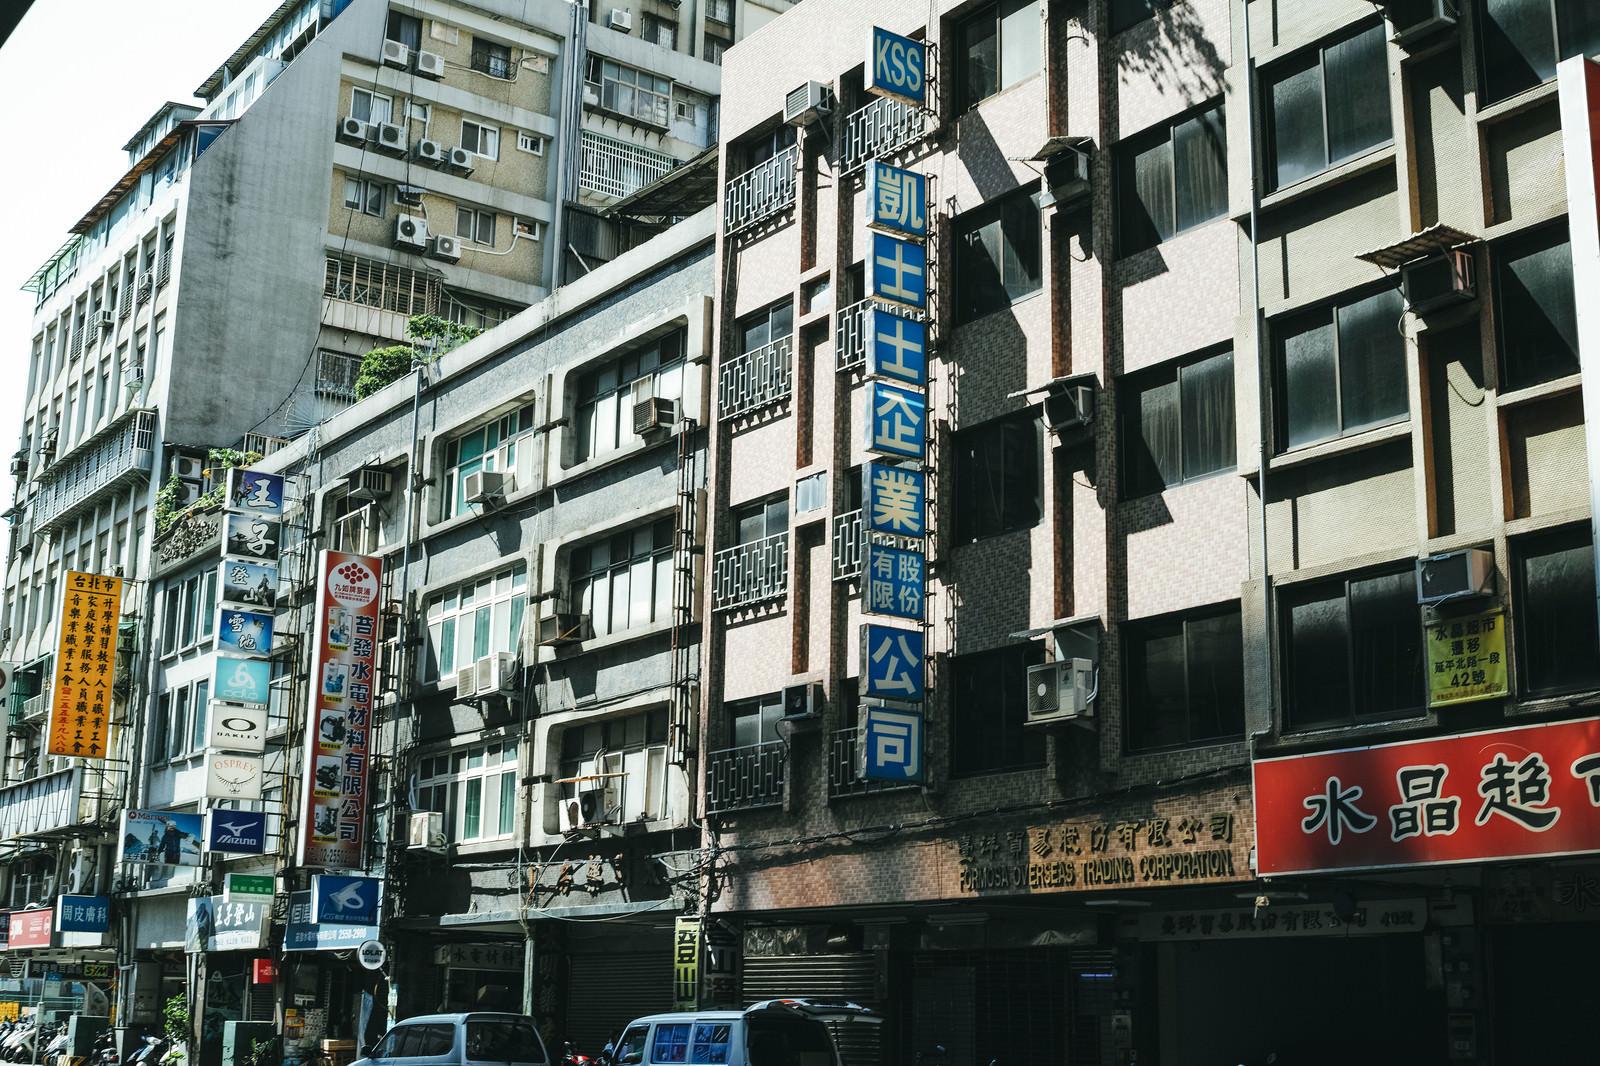 「タイペイの商店街看板(台湾)」の写真